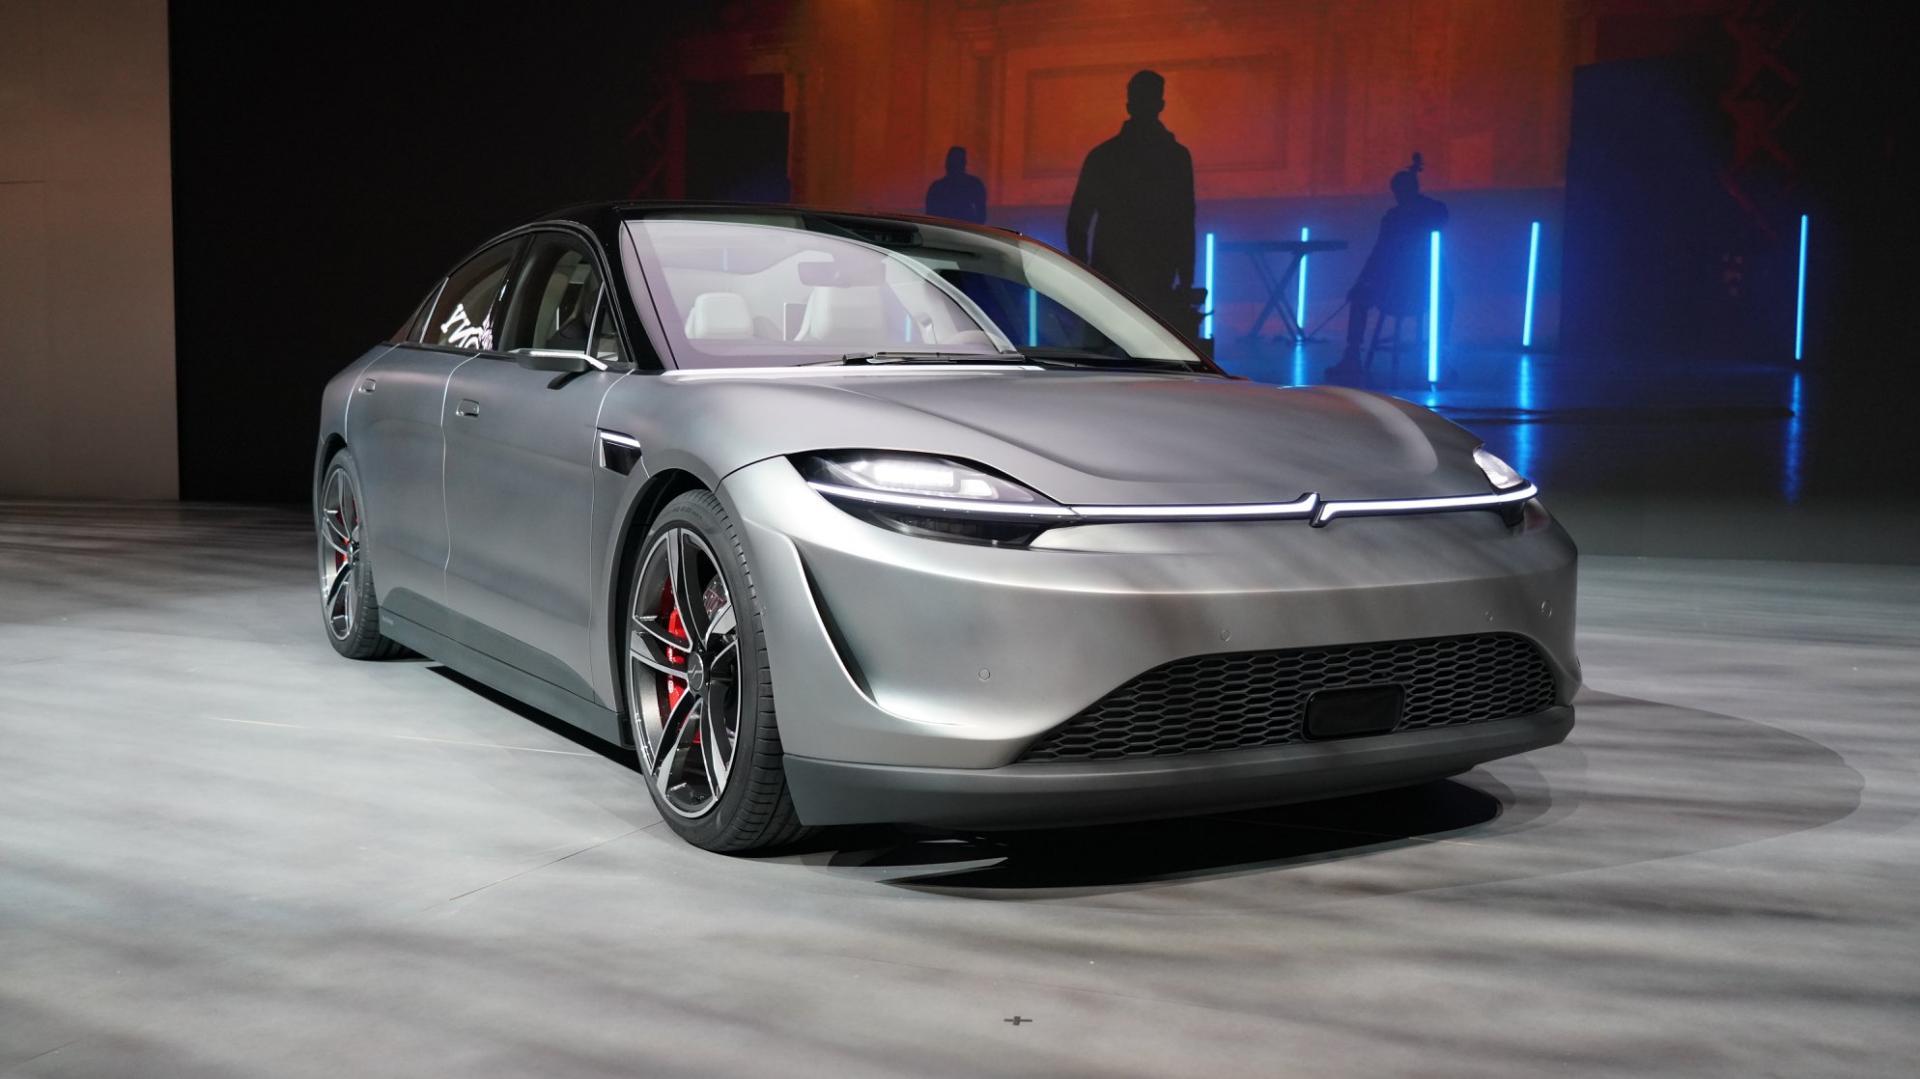 Sony bất ngờ ra mắt mẫu xe điện Vision-S tại CES 2020 - 16